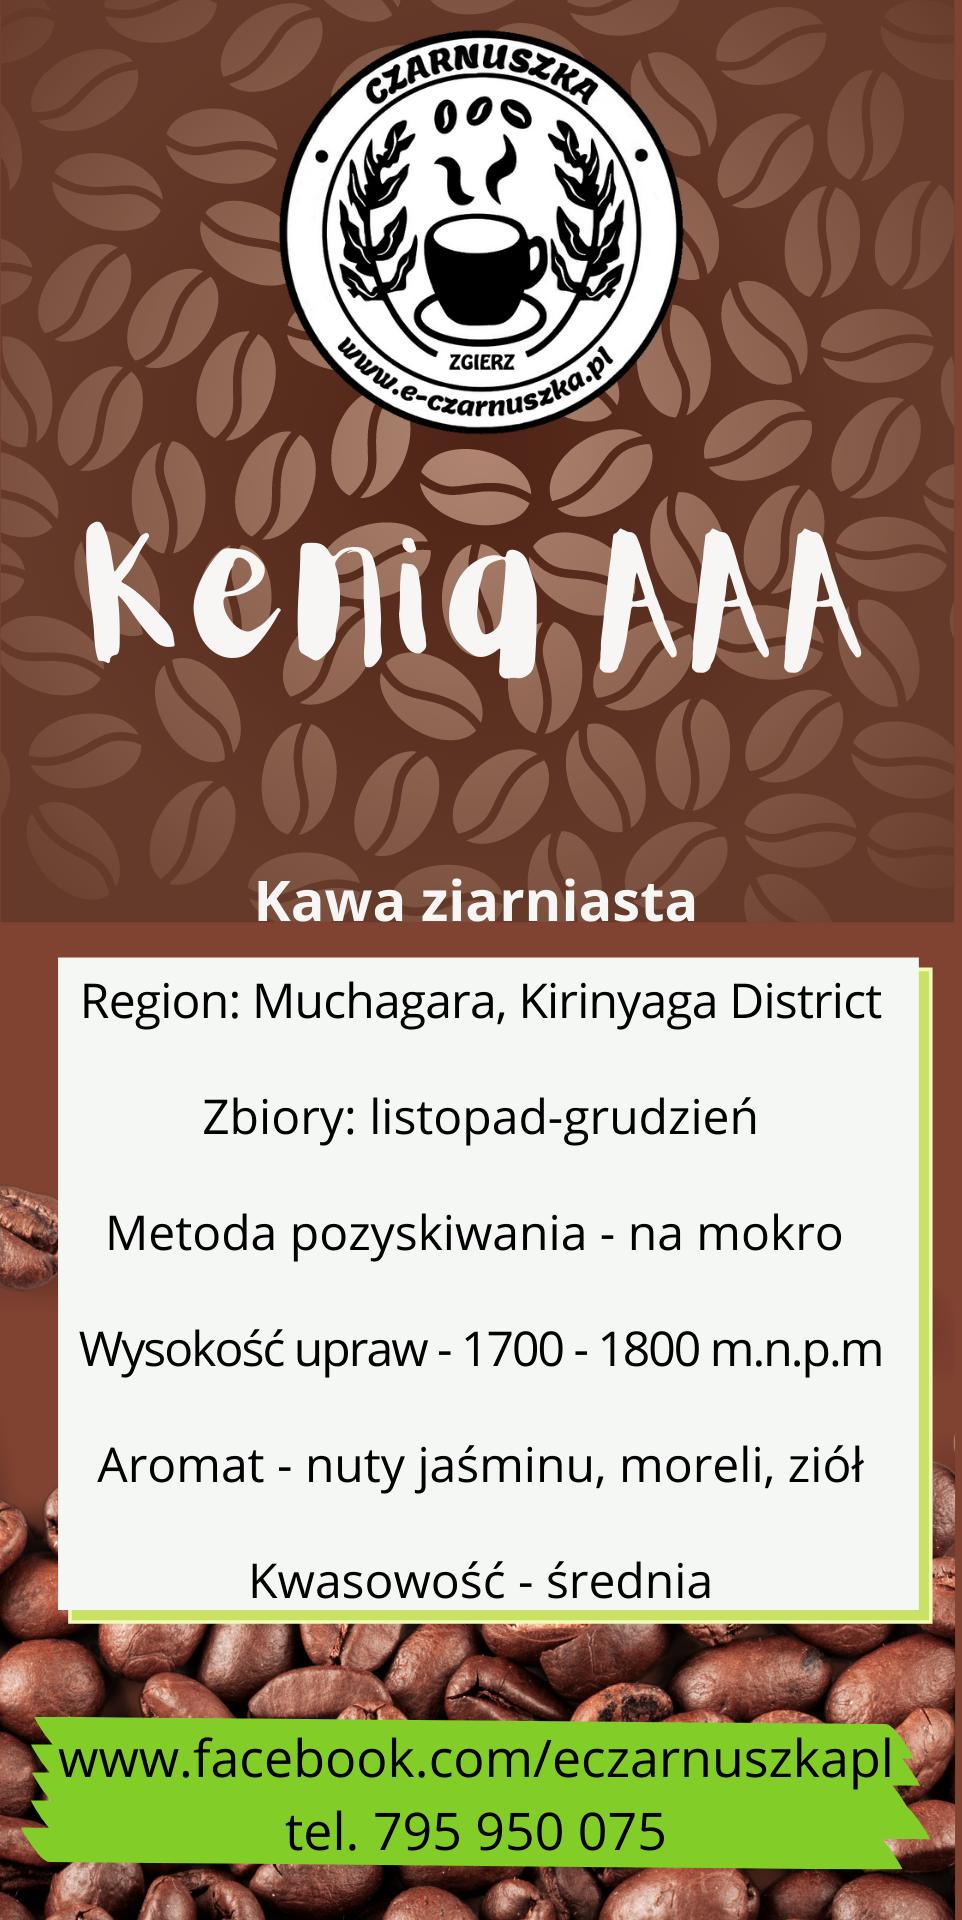 Kenia AAA